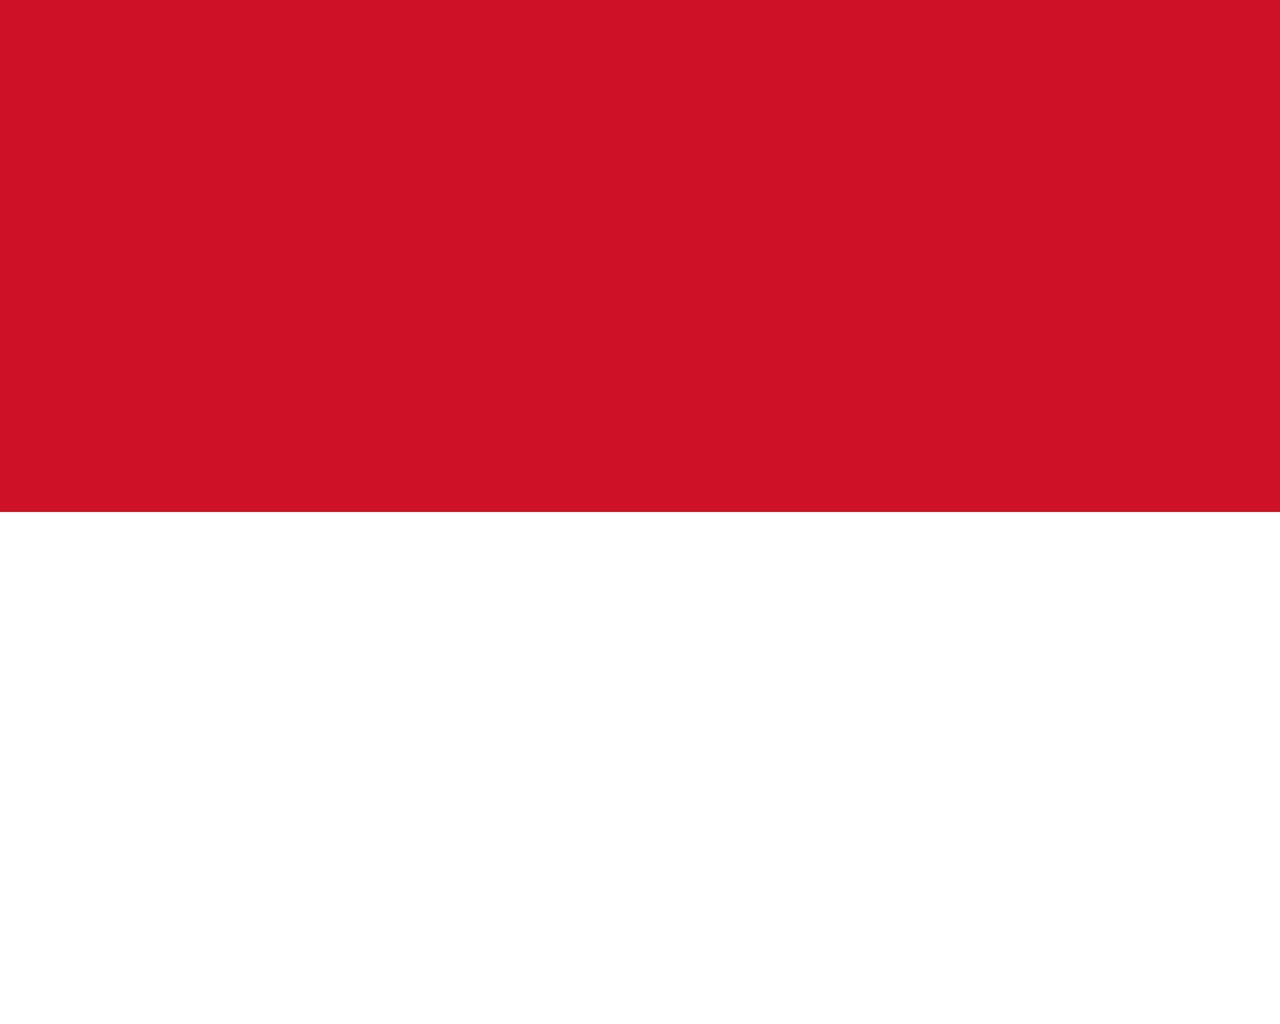 Флаг Монако